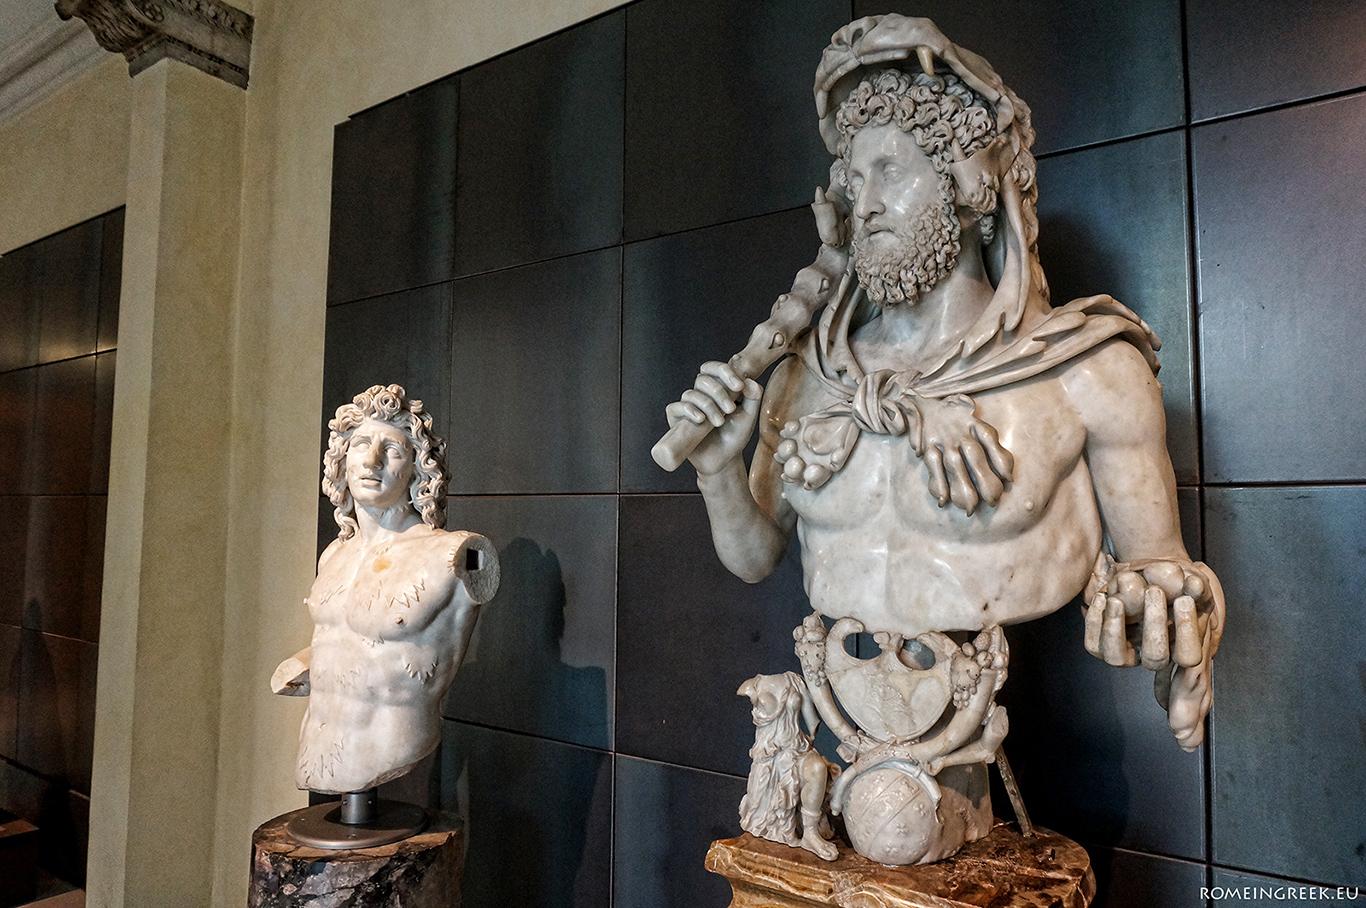 Η θεοποίηση του αυτοκράτορα Κόμμοδου σαν νέος Ηρακλής